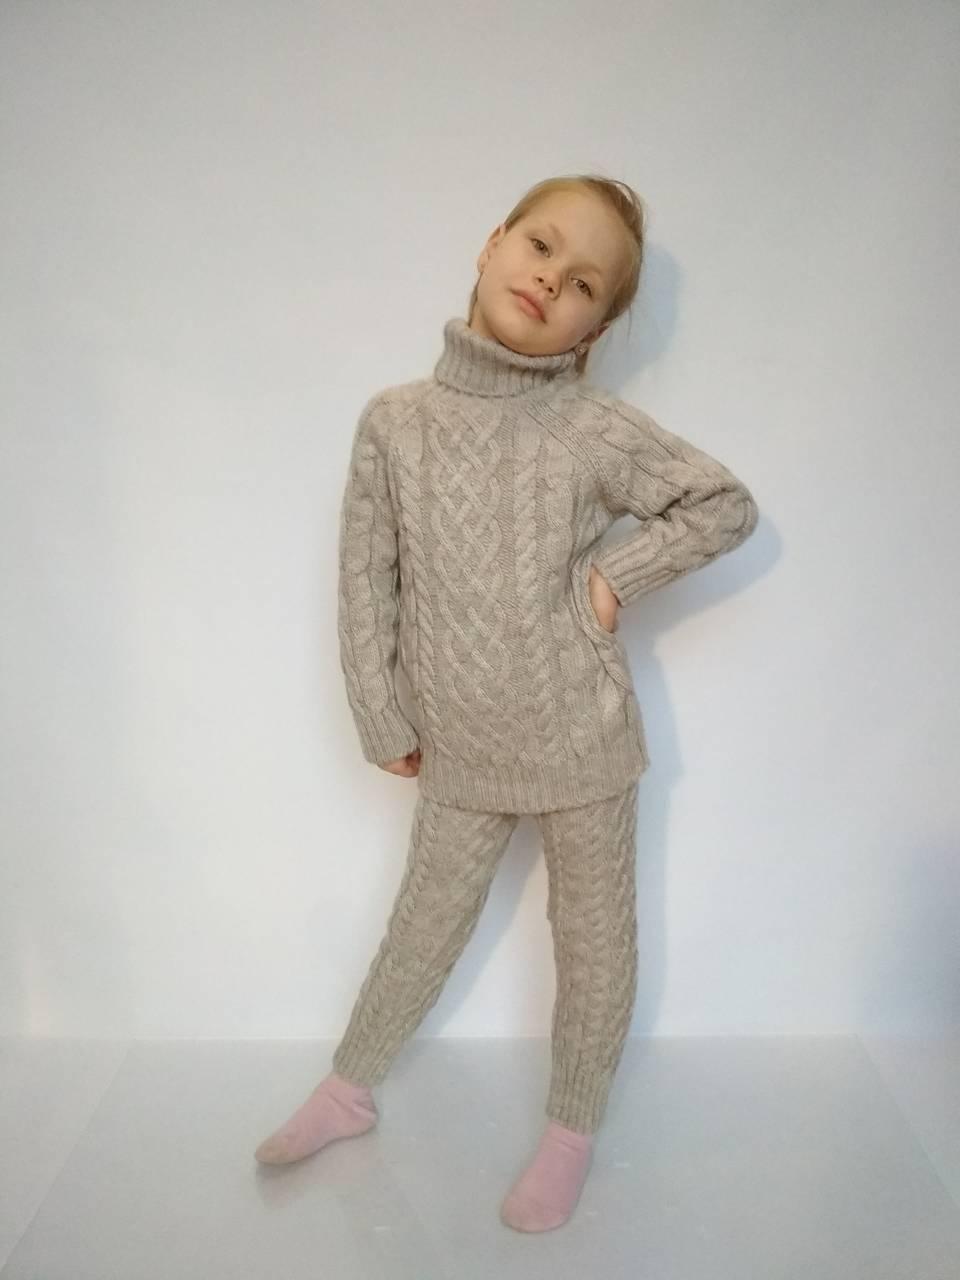 теплый вязаный костюм на девочку бежевого цвета цена 450 грн